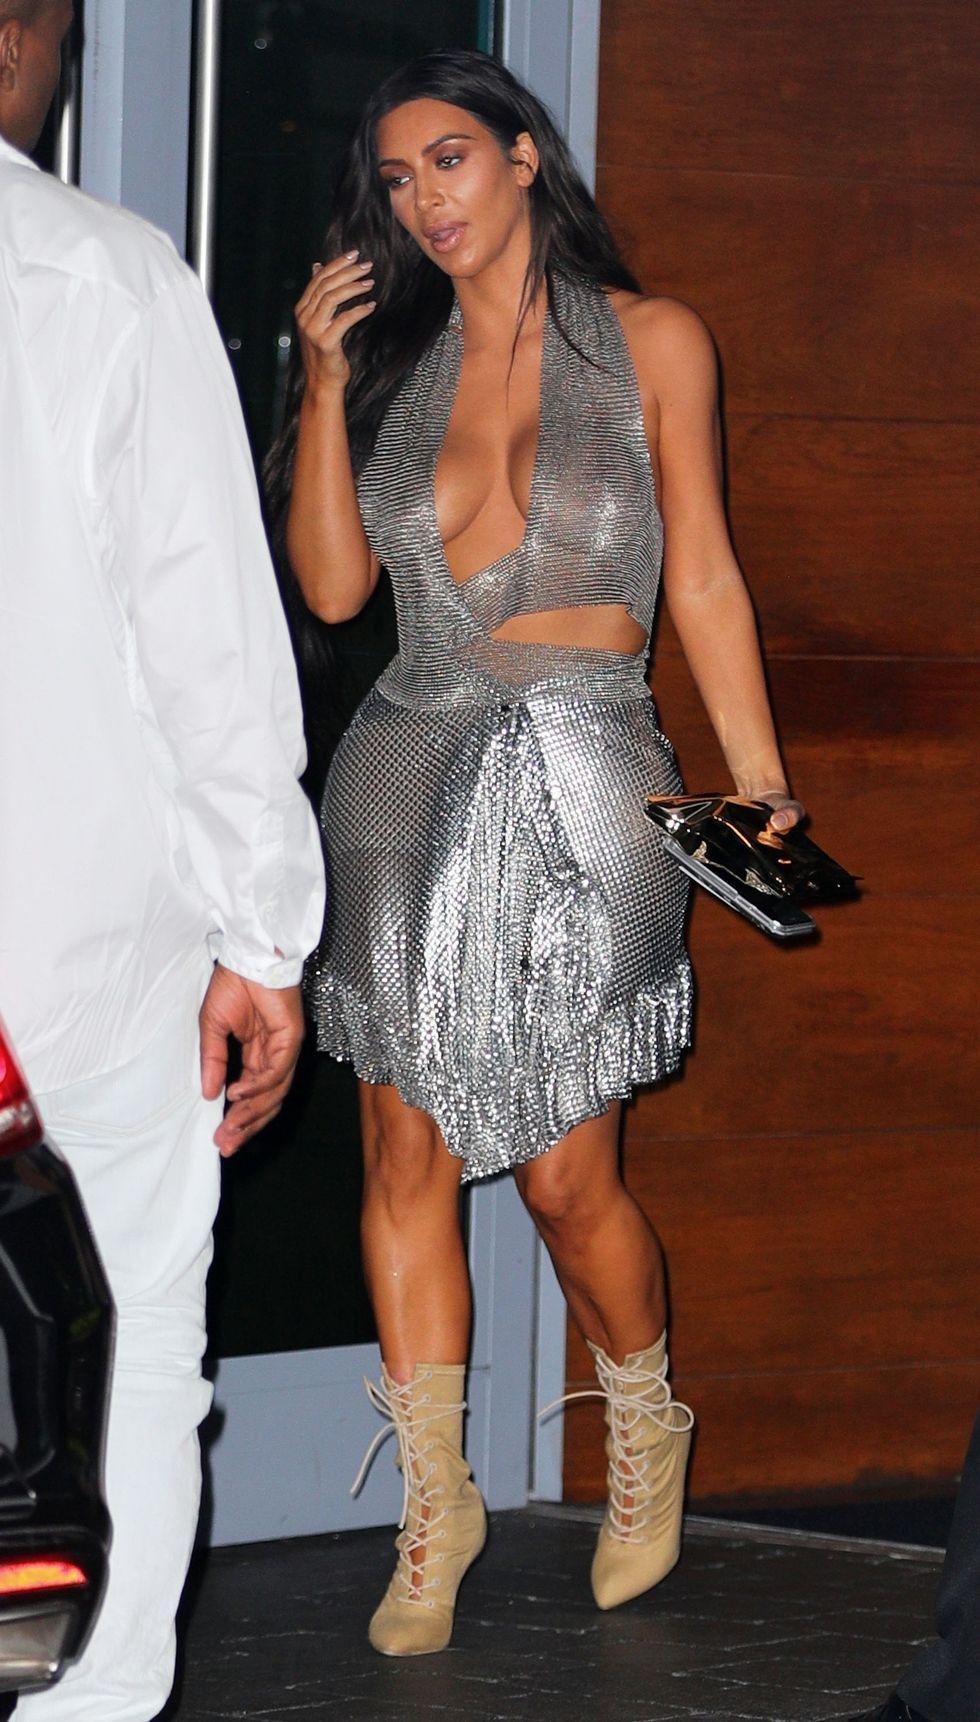 c4a228962c Kim Kardashian Rocks a Gucci Pantsuit Without a Top in L.A. ...